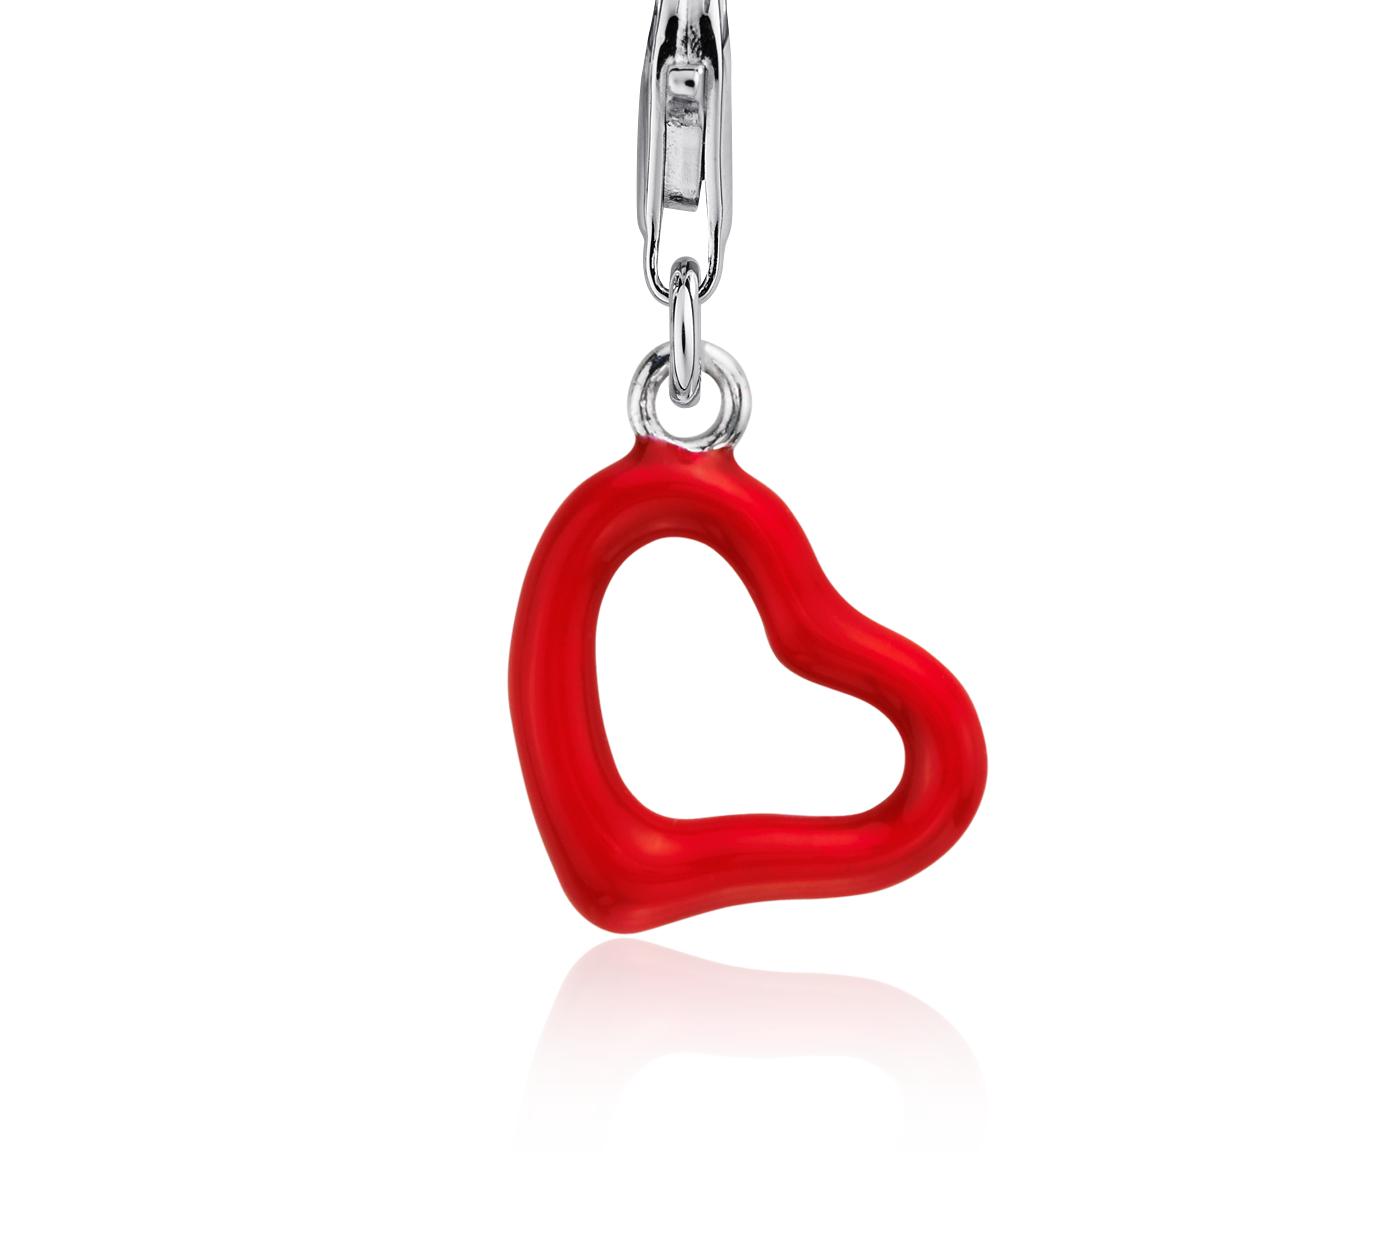 Red Enamel Heart Charm in Sterling Silver